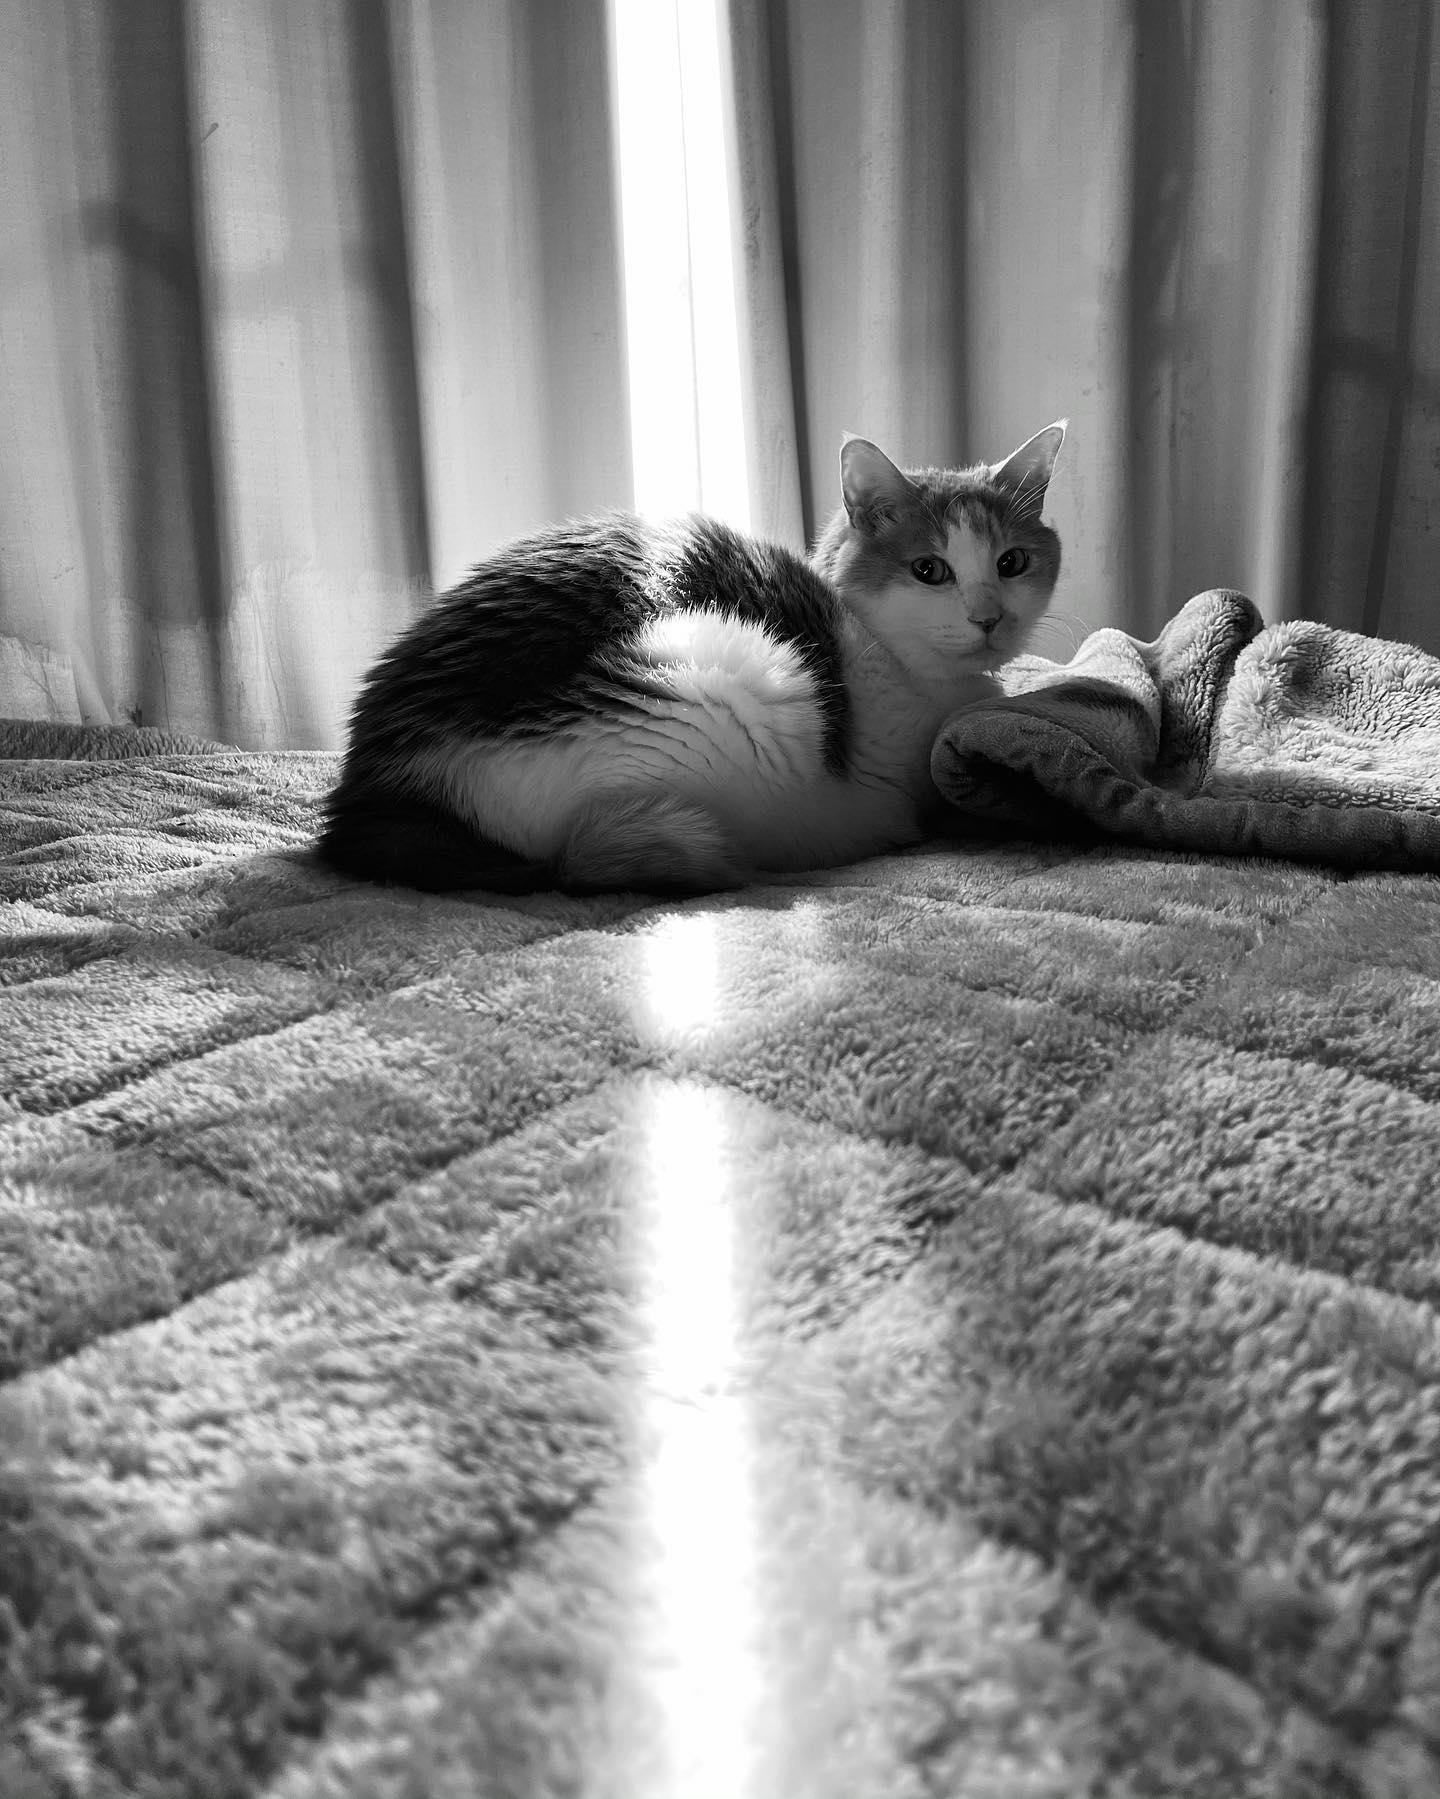 ネコさんの背に光の柱。(iPhone 12 Pro Max 広角 モノクロ)